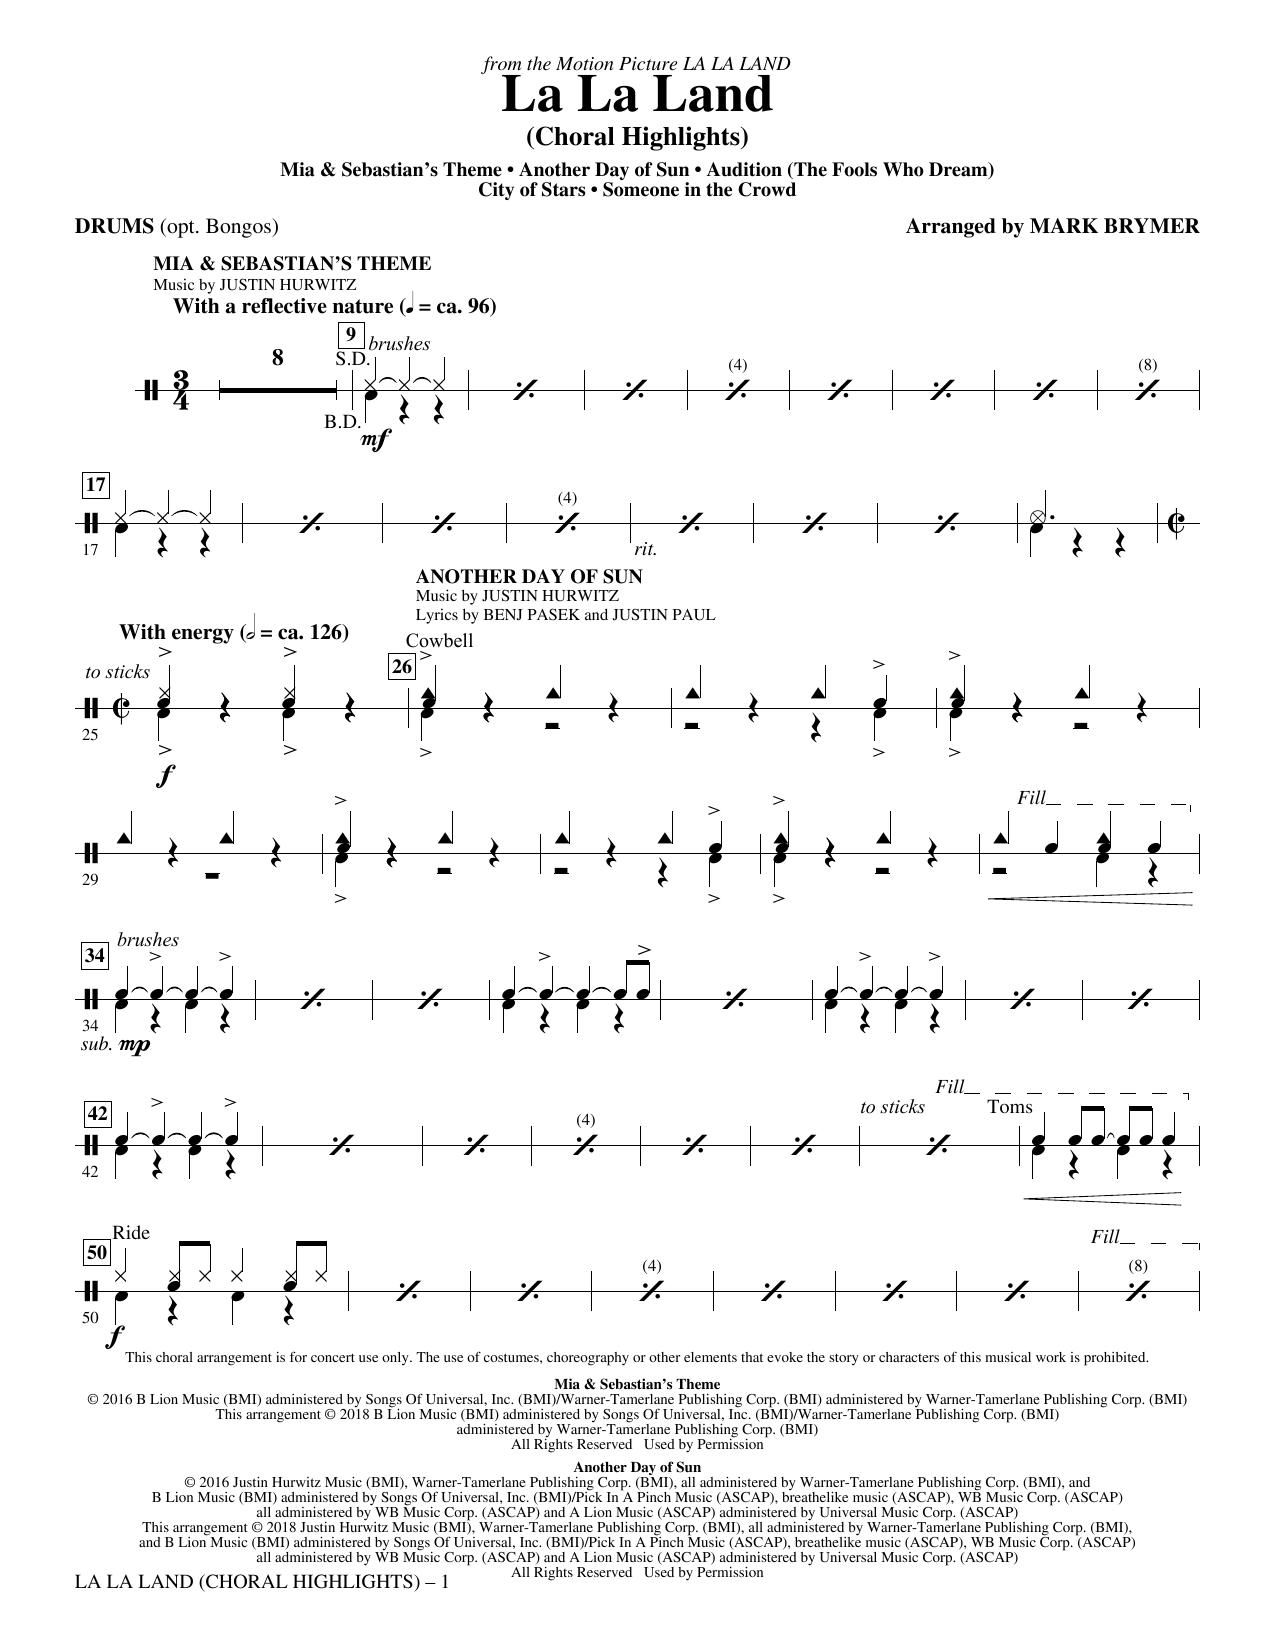 La La Land: Choral Highlights (arr. Mark Brymer) - Drums Digitale Noten